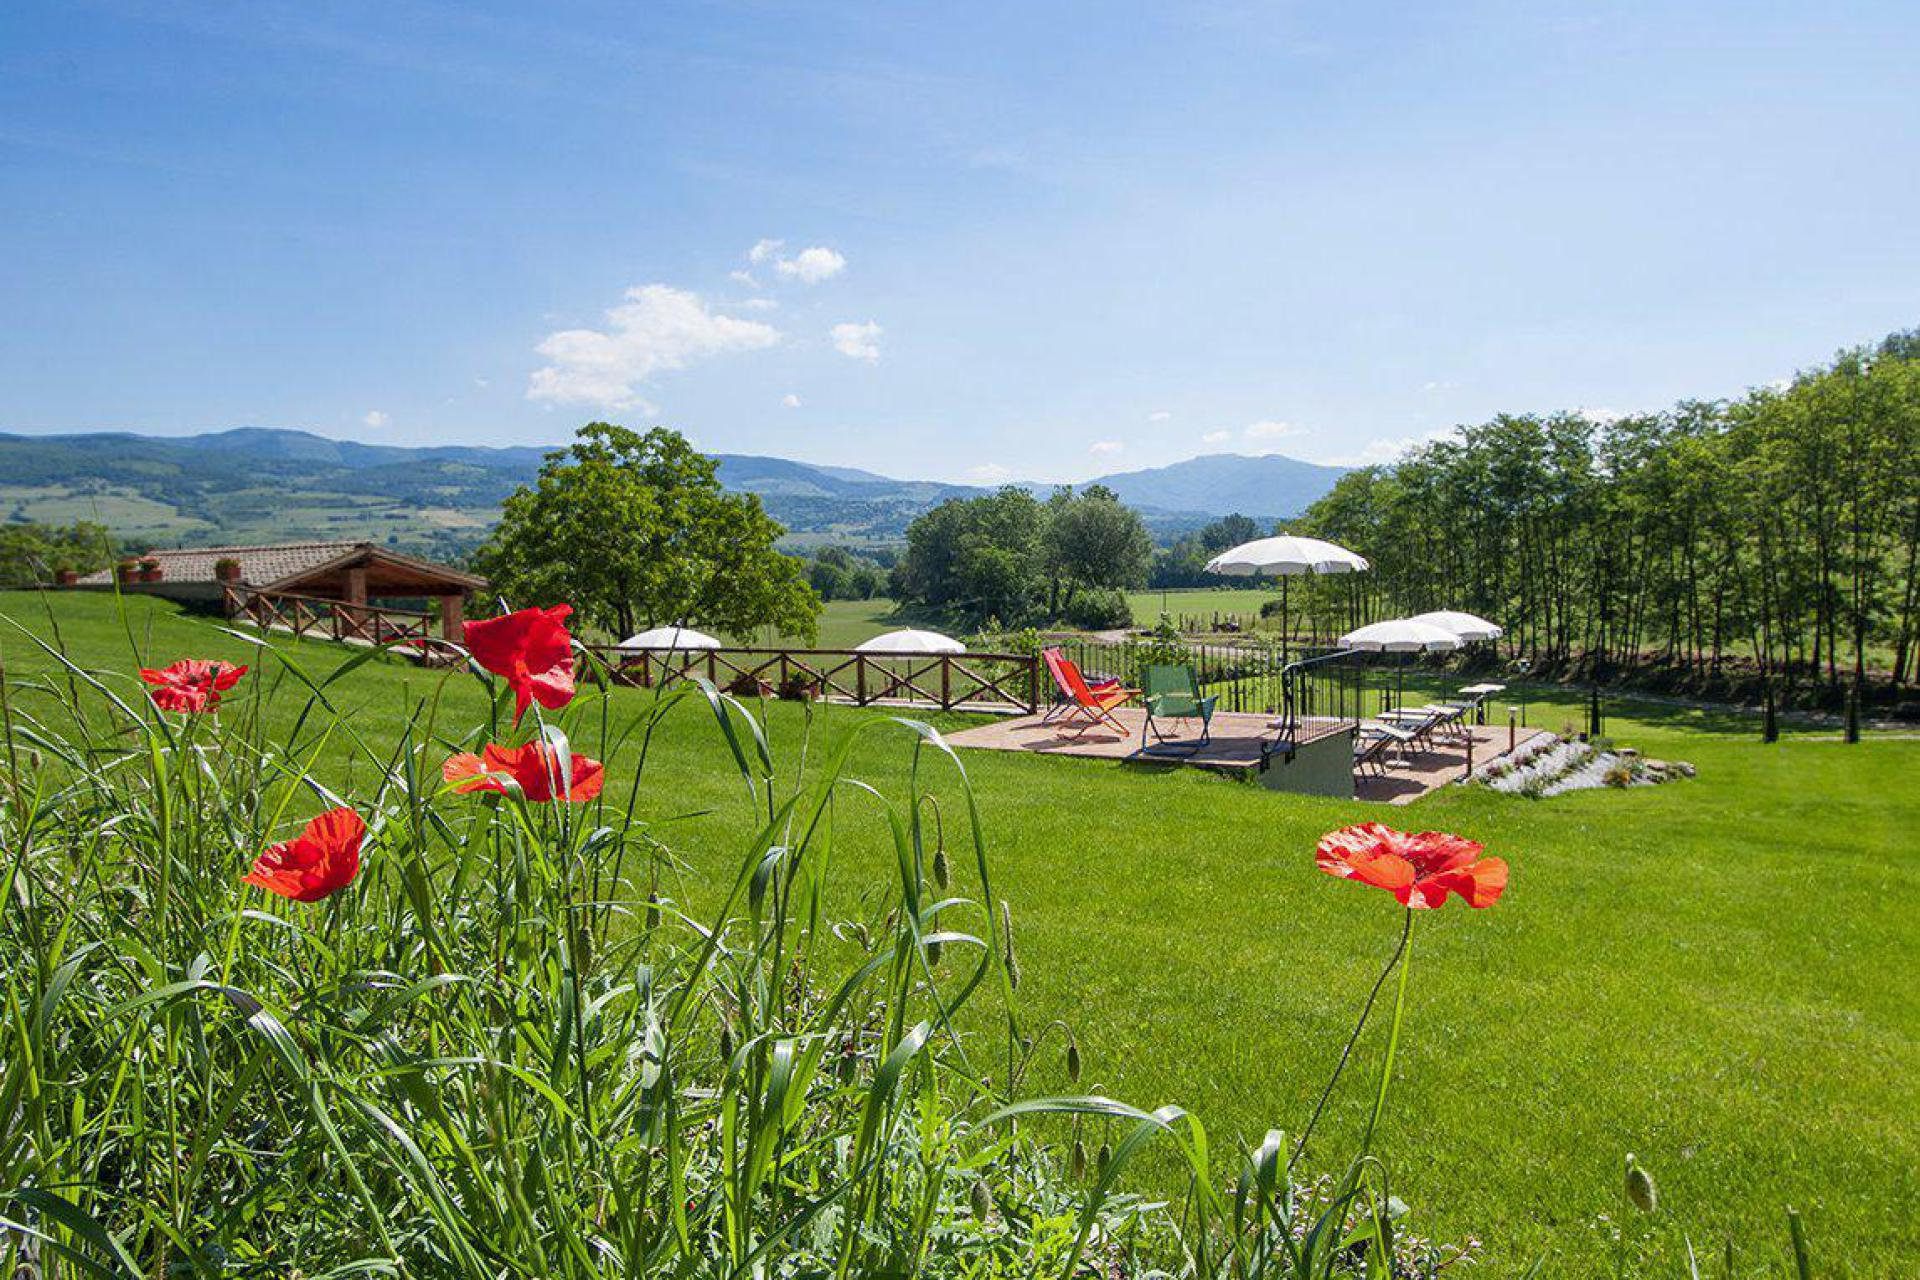 Agriturismo Piemonte Agriturismo in Piemonte, gastvrij en gezellig